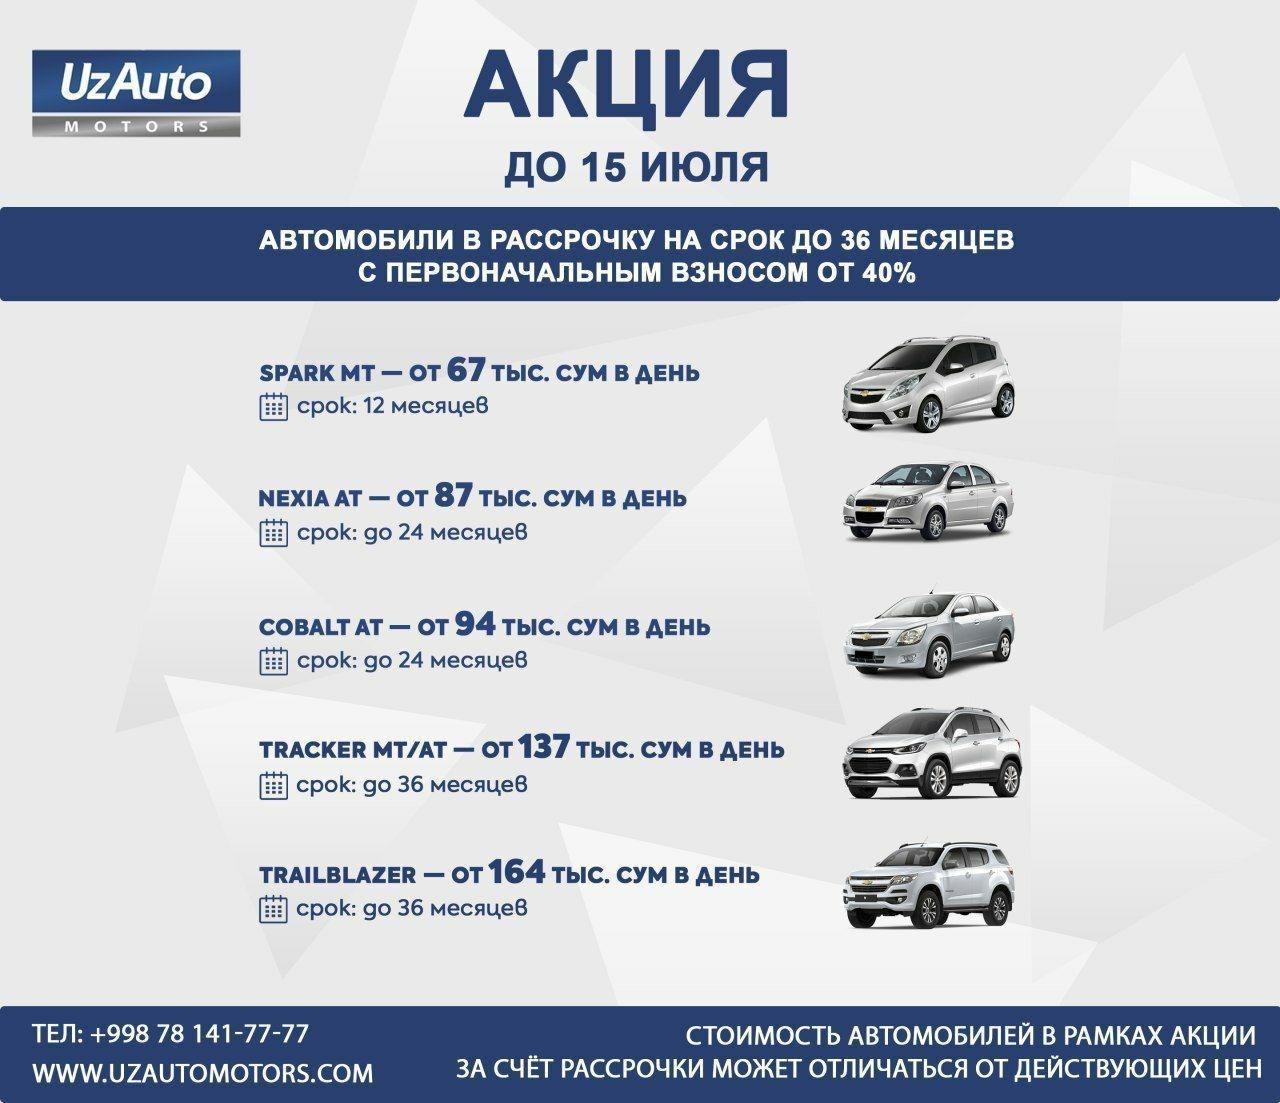 акция рассрочка UzAuto Motors (GM Uzbekistan)